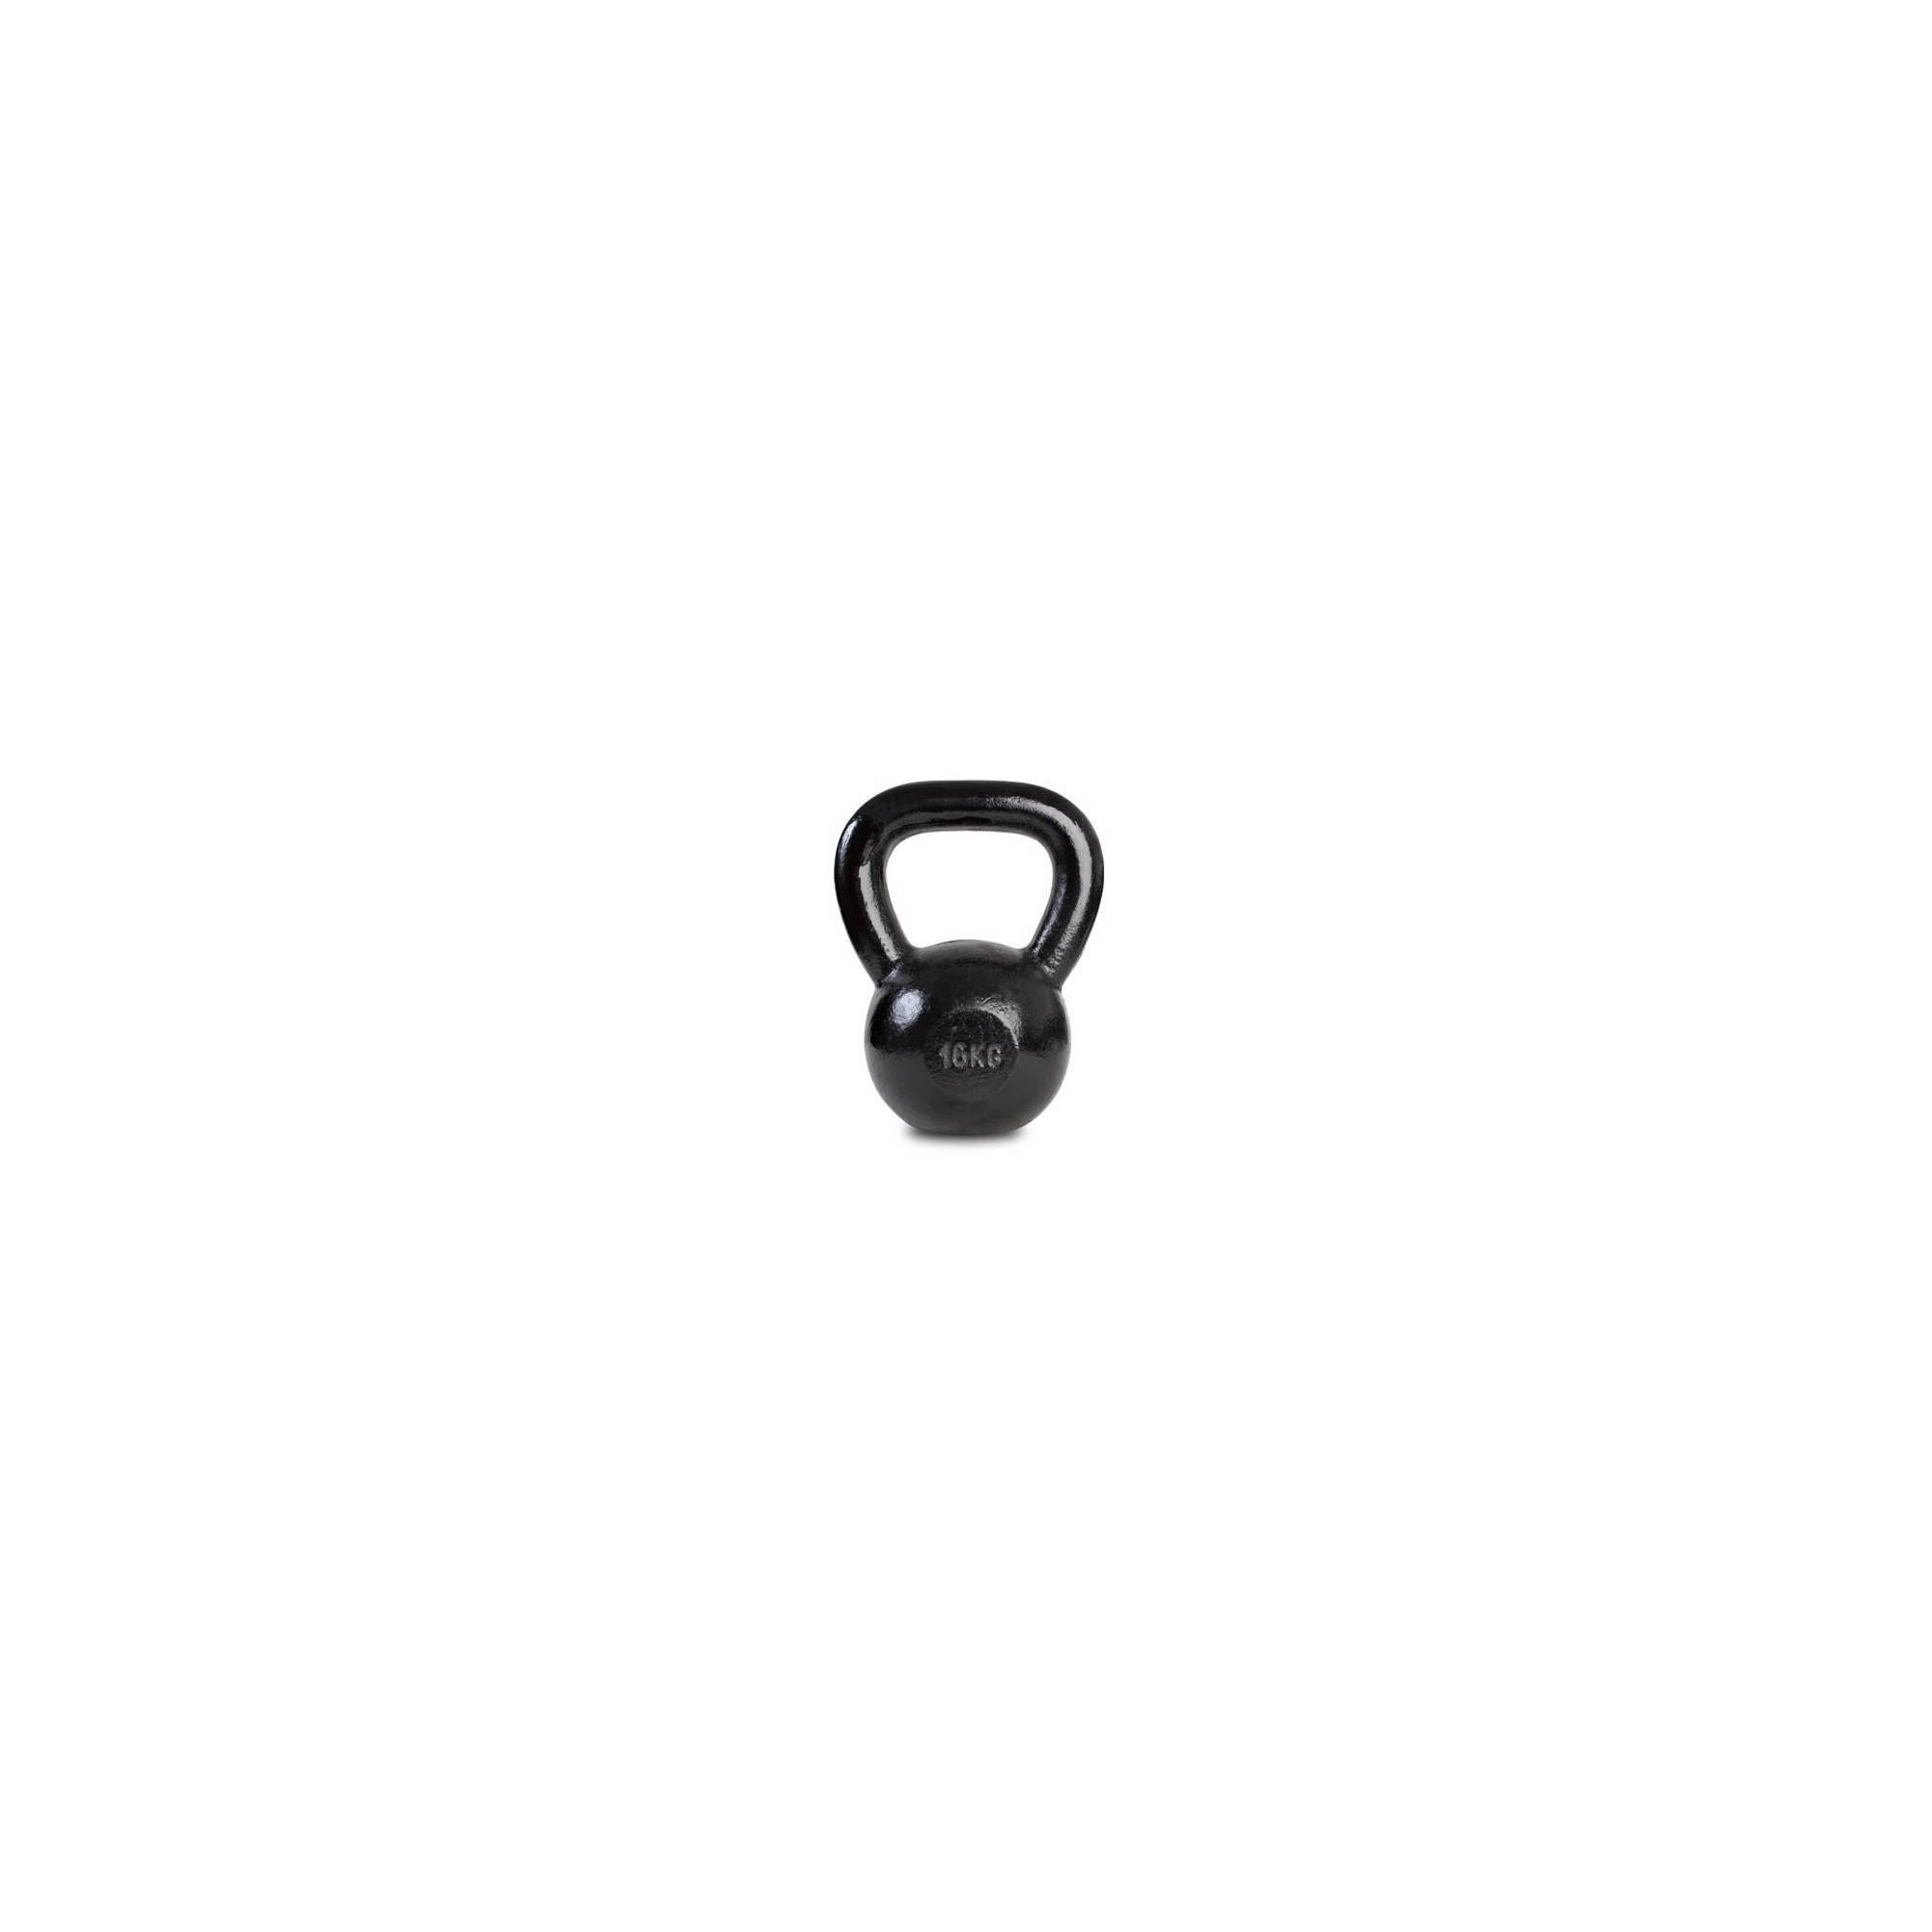 Hantla żeliwna SPARTAN KETTLEBELL 16kg czarna,producent: SPARTAN SPORT, photo: 1